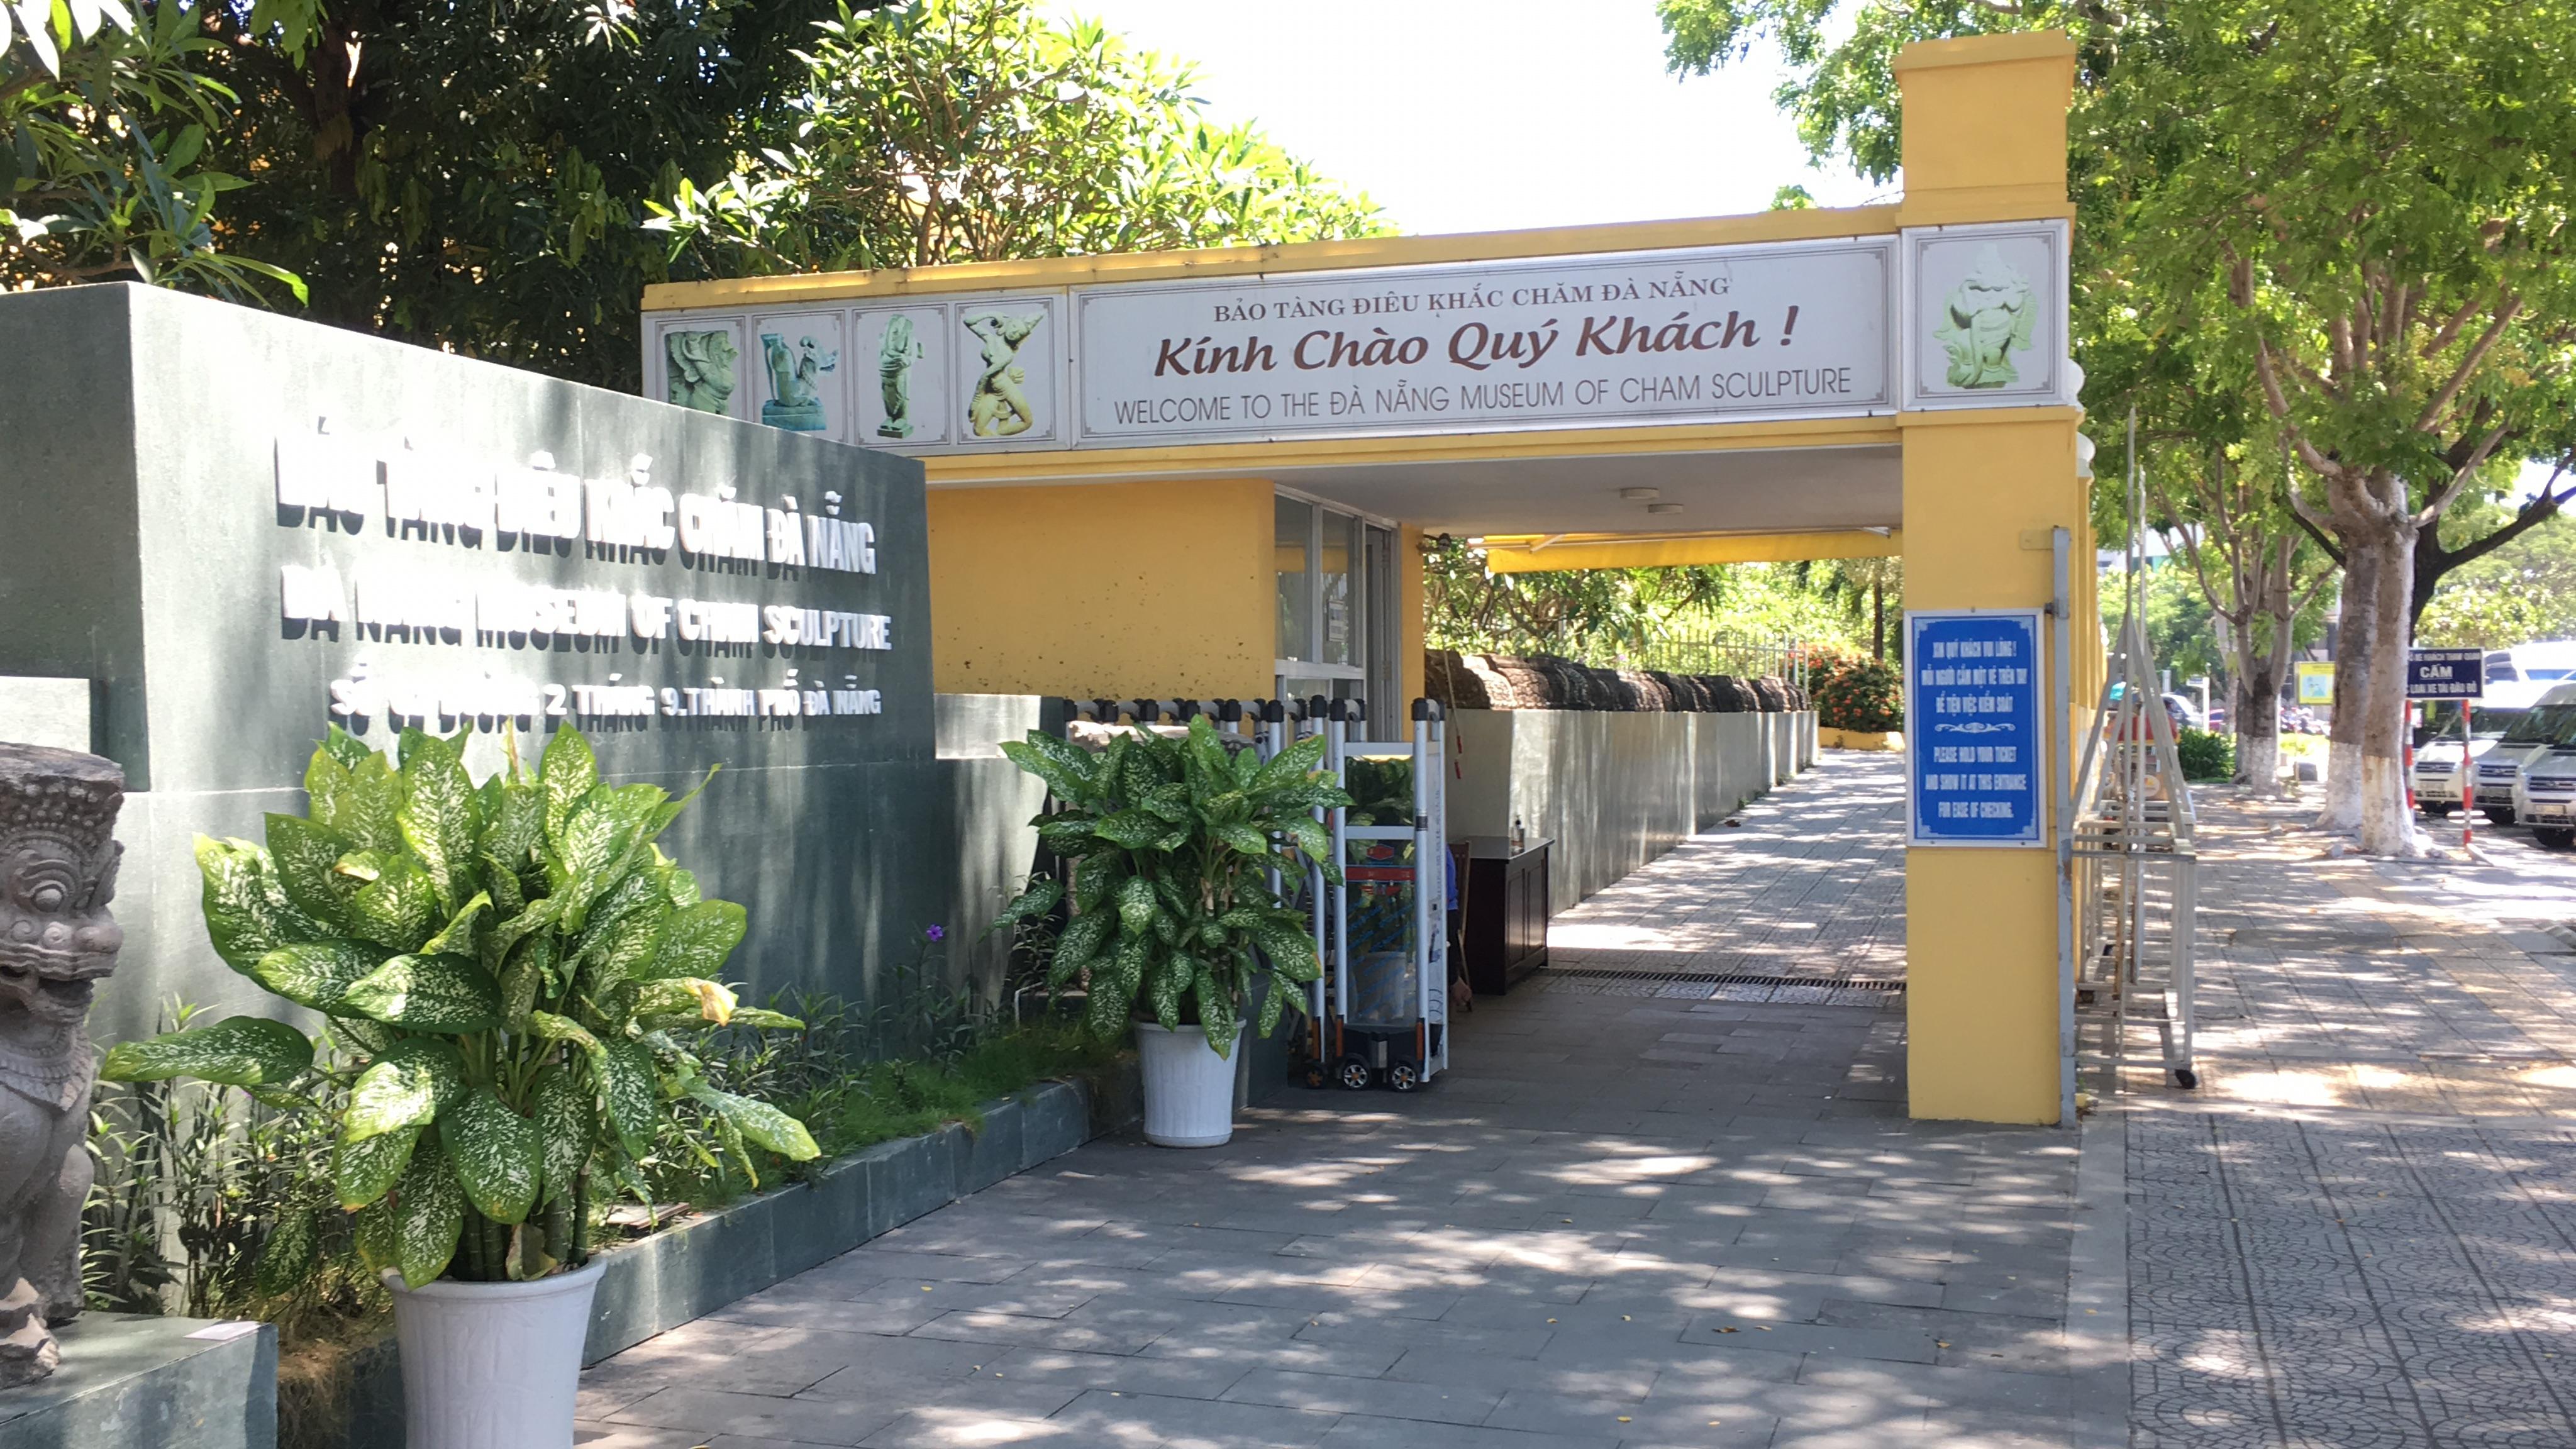 Các điểm du lịch trầm lắng trong ngày đầu Đà Nẵng miễn phí tham quan - Ảnh 1.